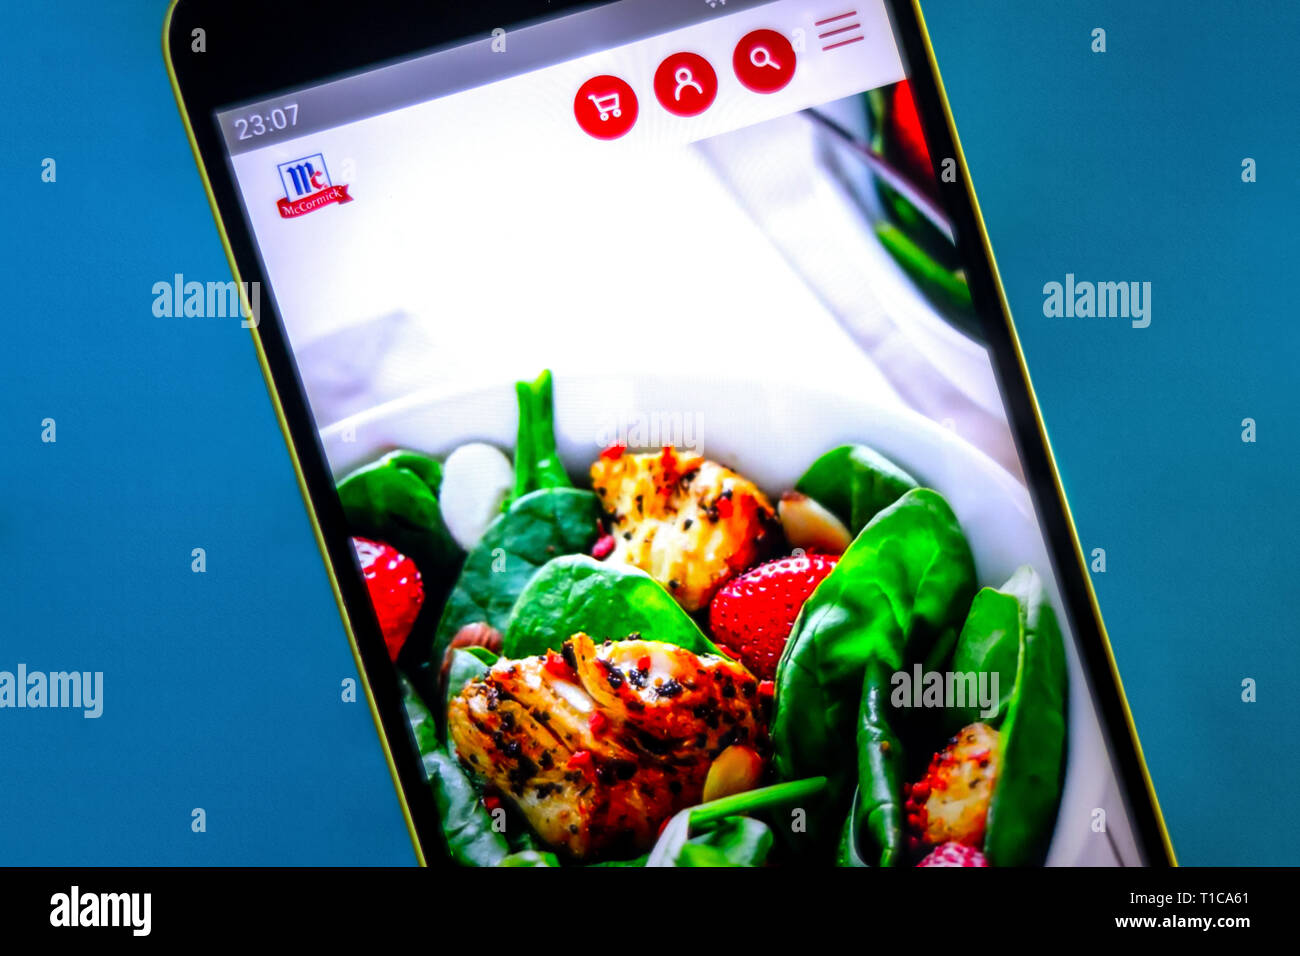 Berdiansk, Ukraine - le 24 mars 2019: Editorial, McCormick accueil du site. Logo McCormick visible sur l'écran du téléphone. Photo Stock